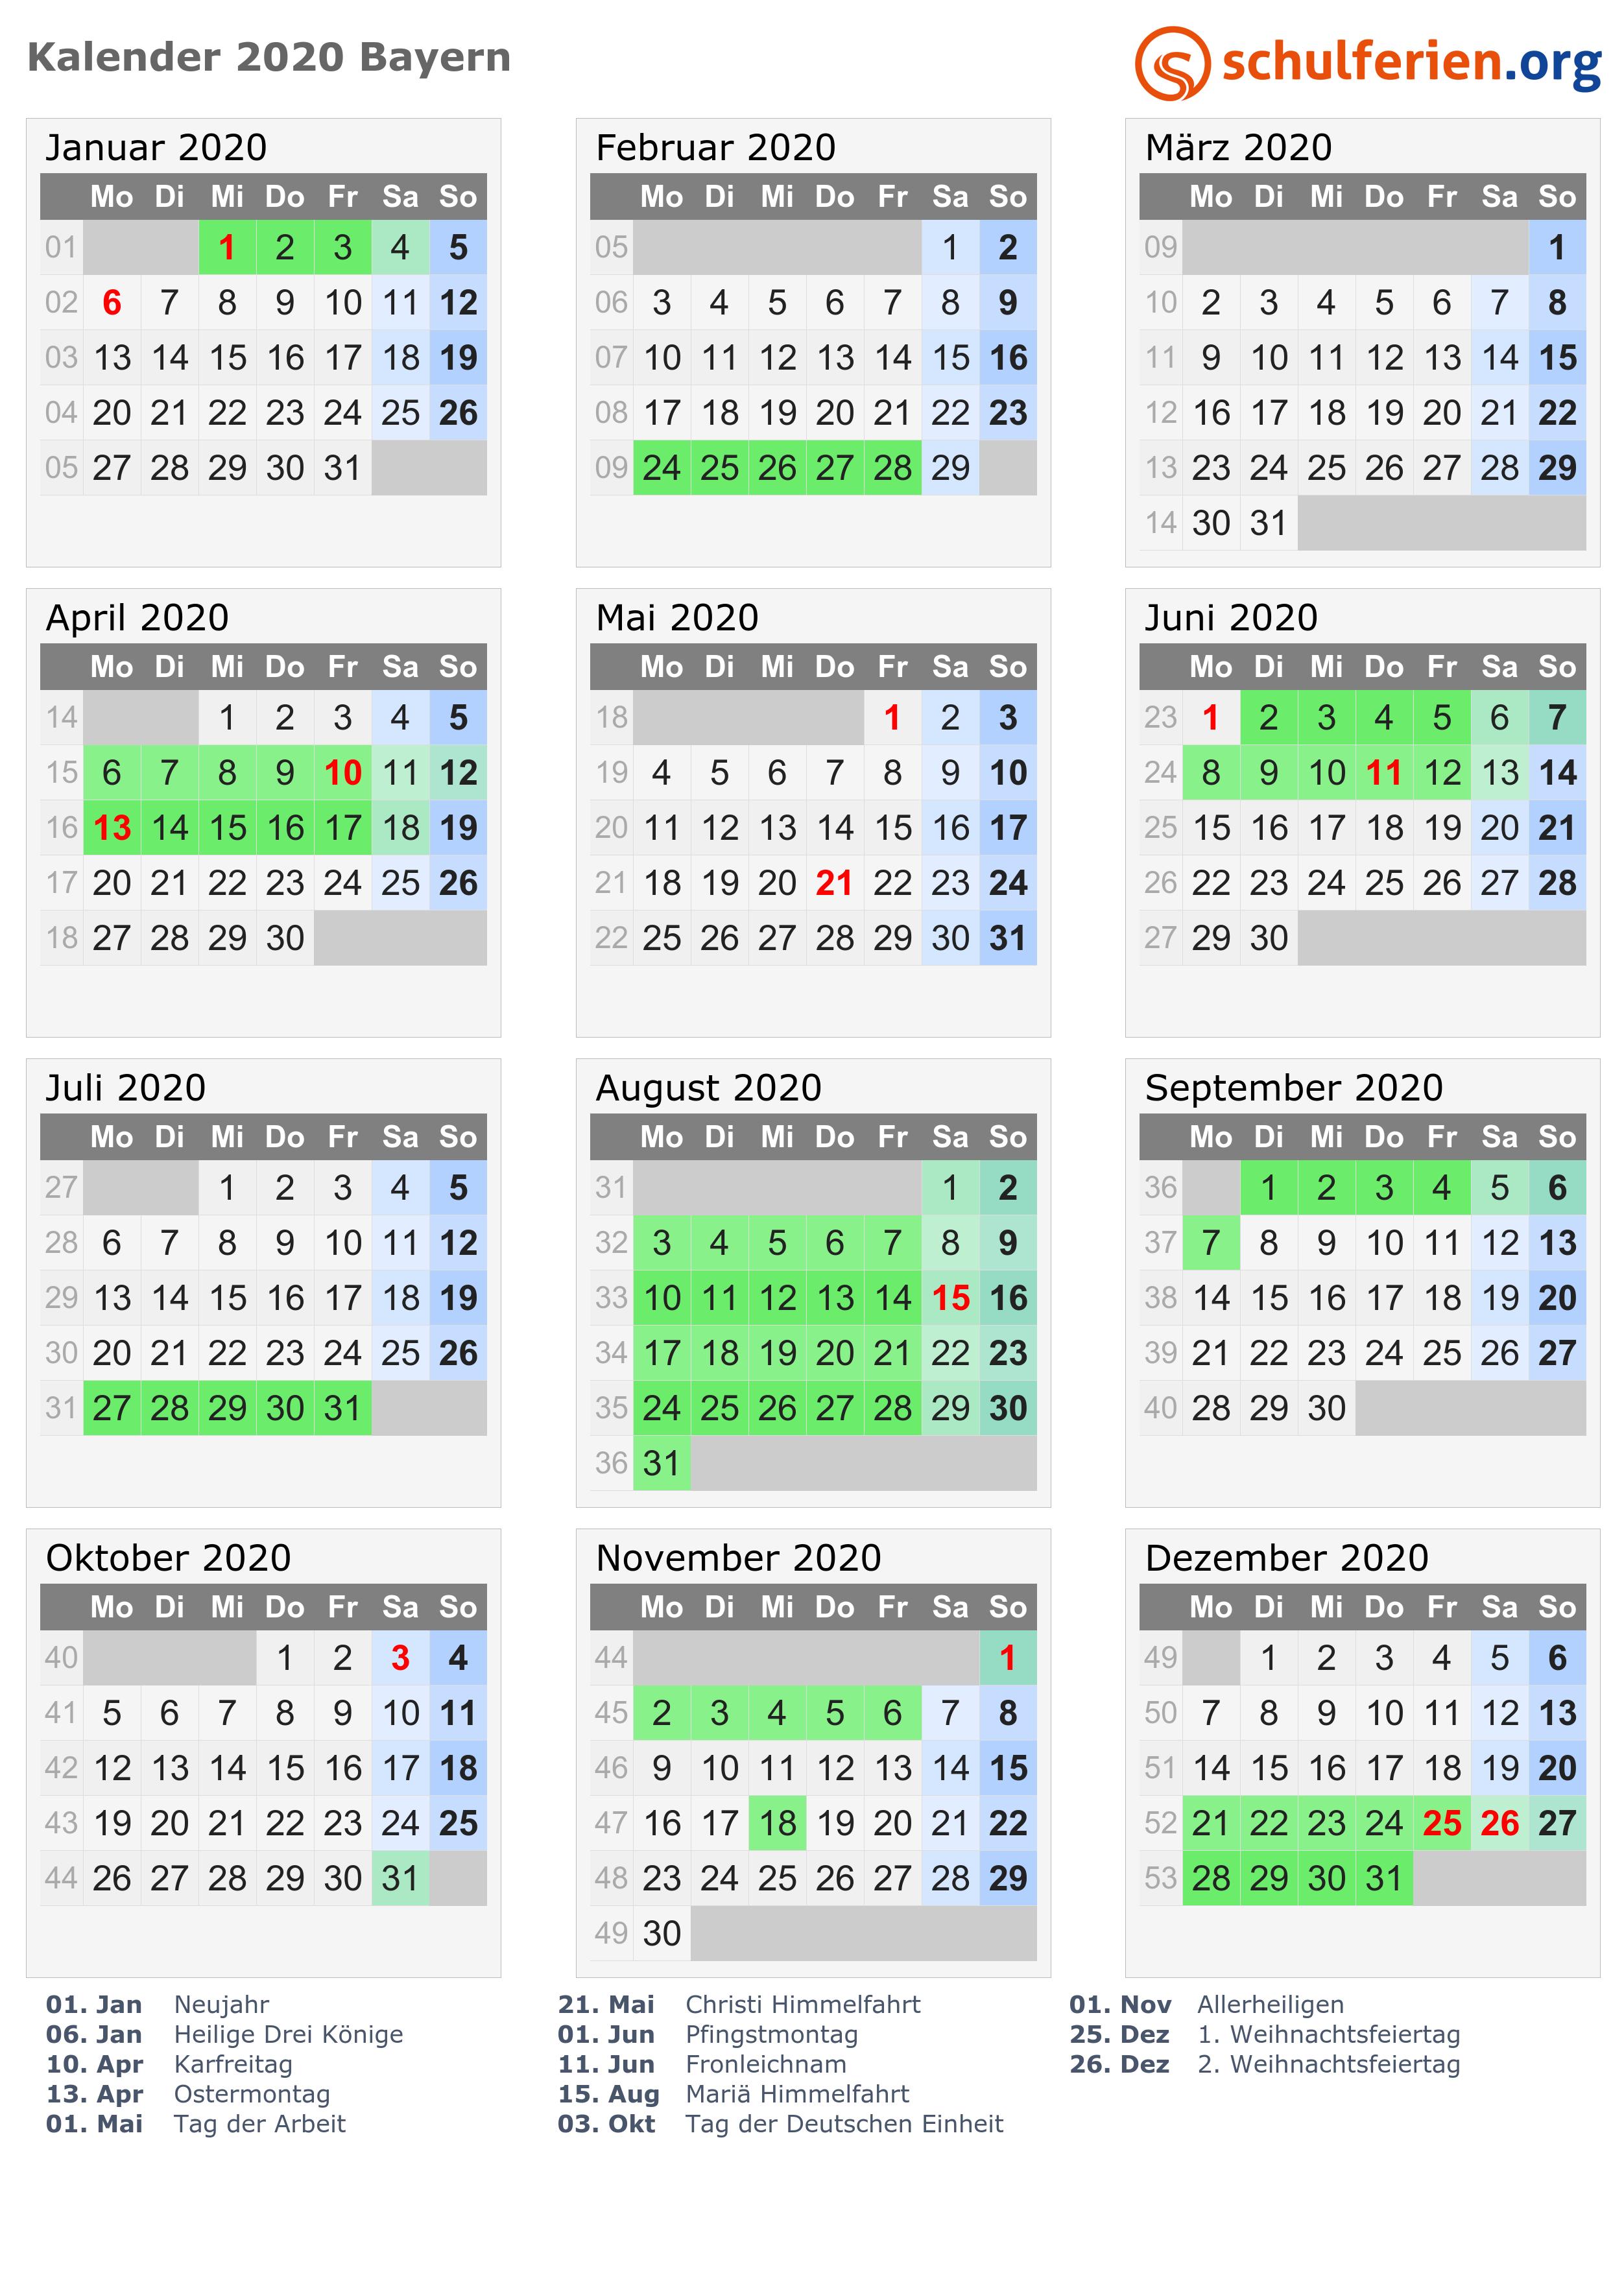 Kalender 2020 Ferien Bayern Feiertage